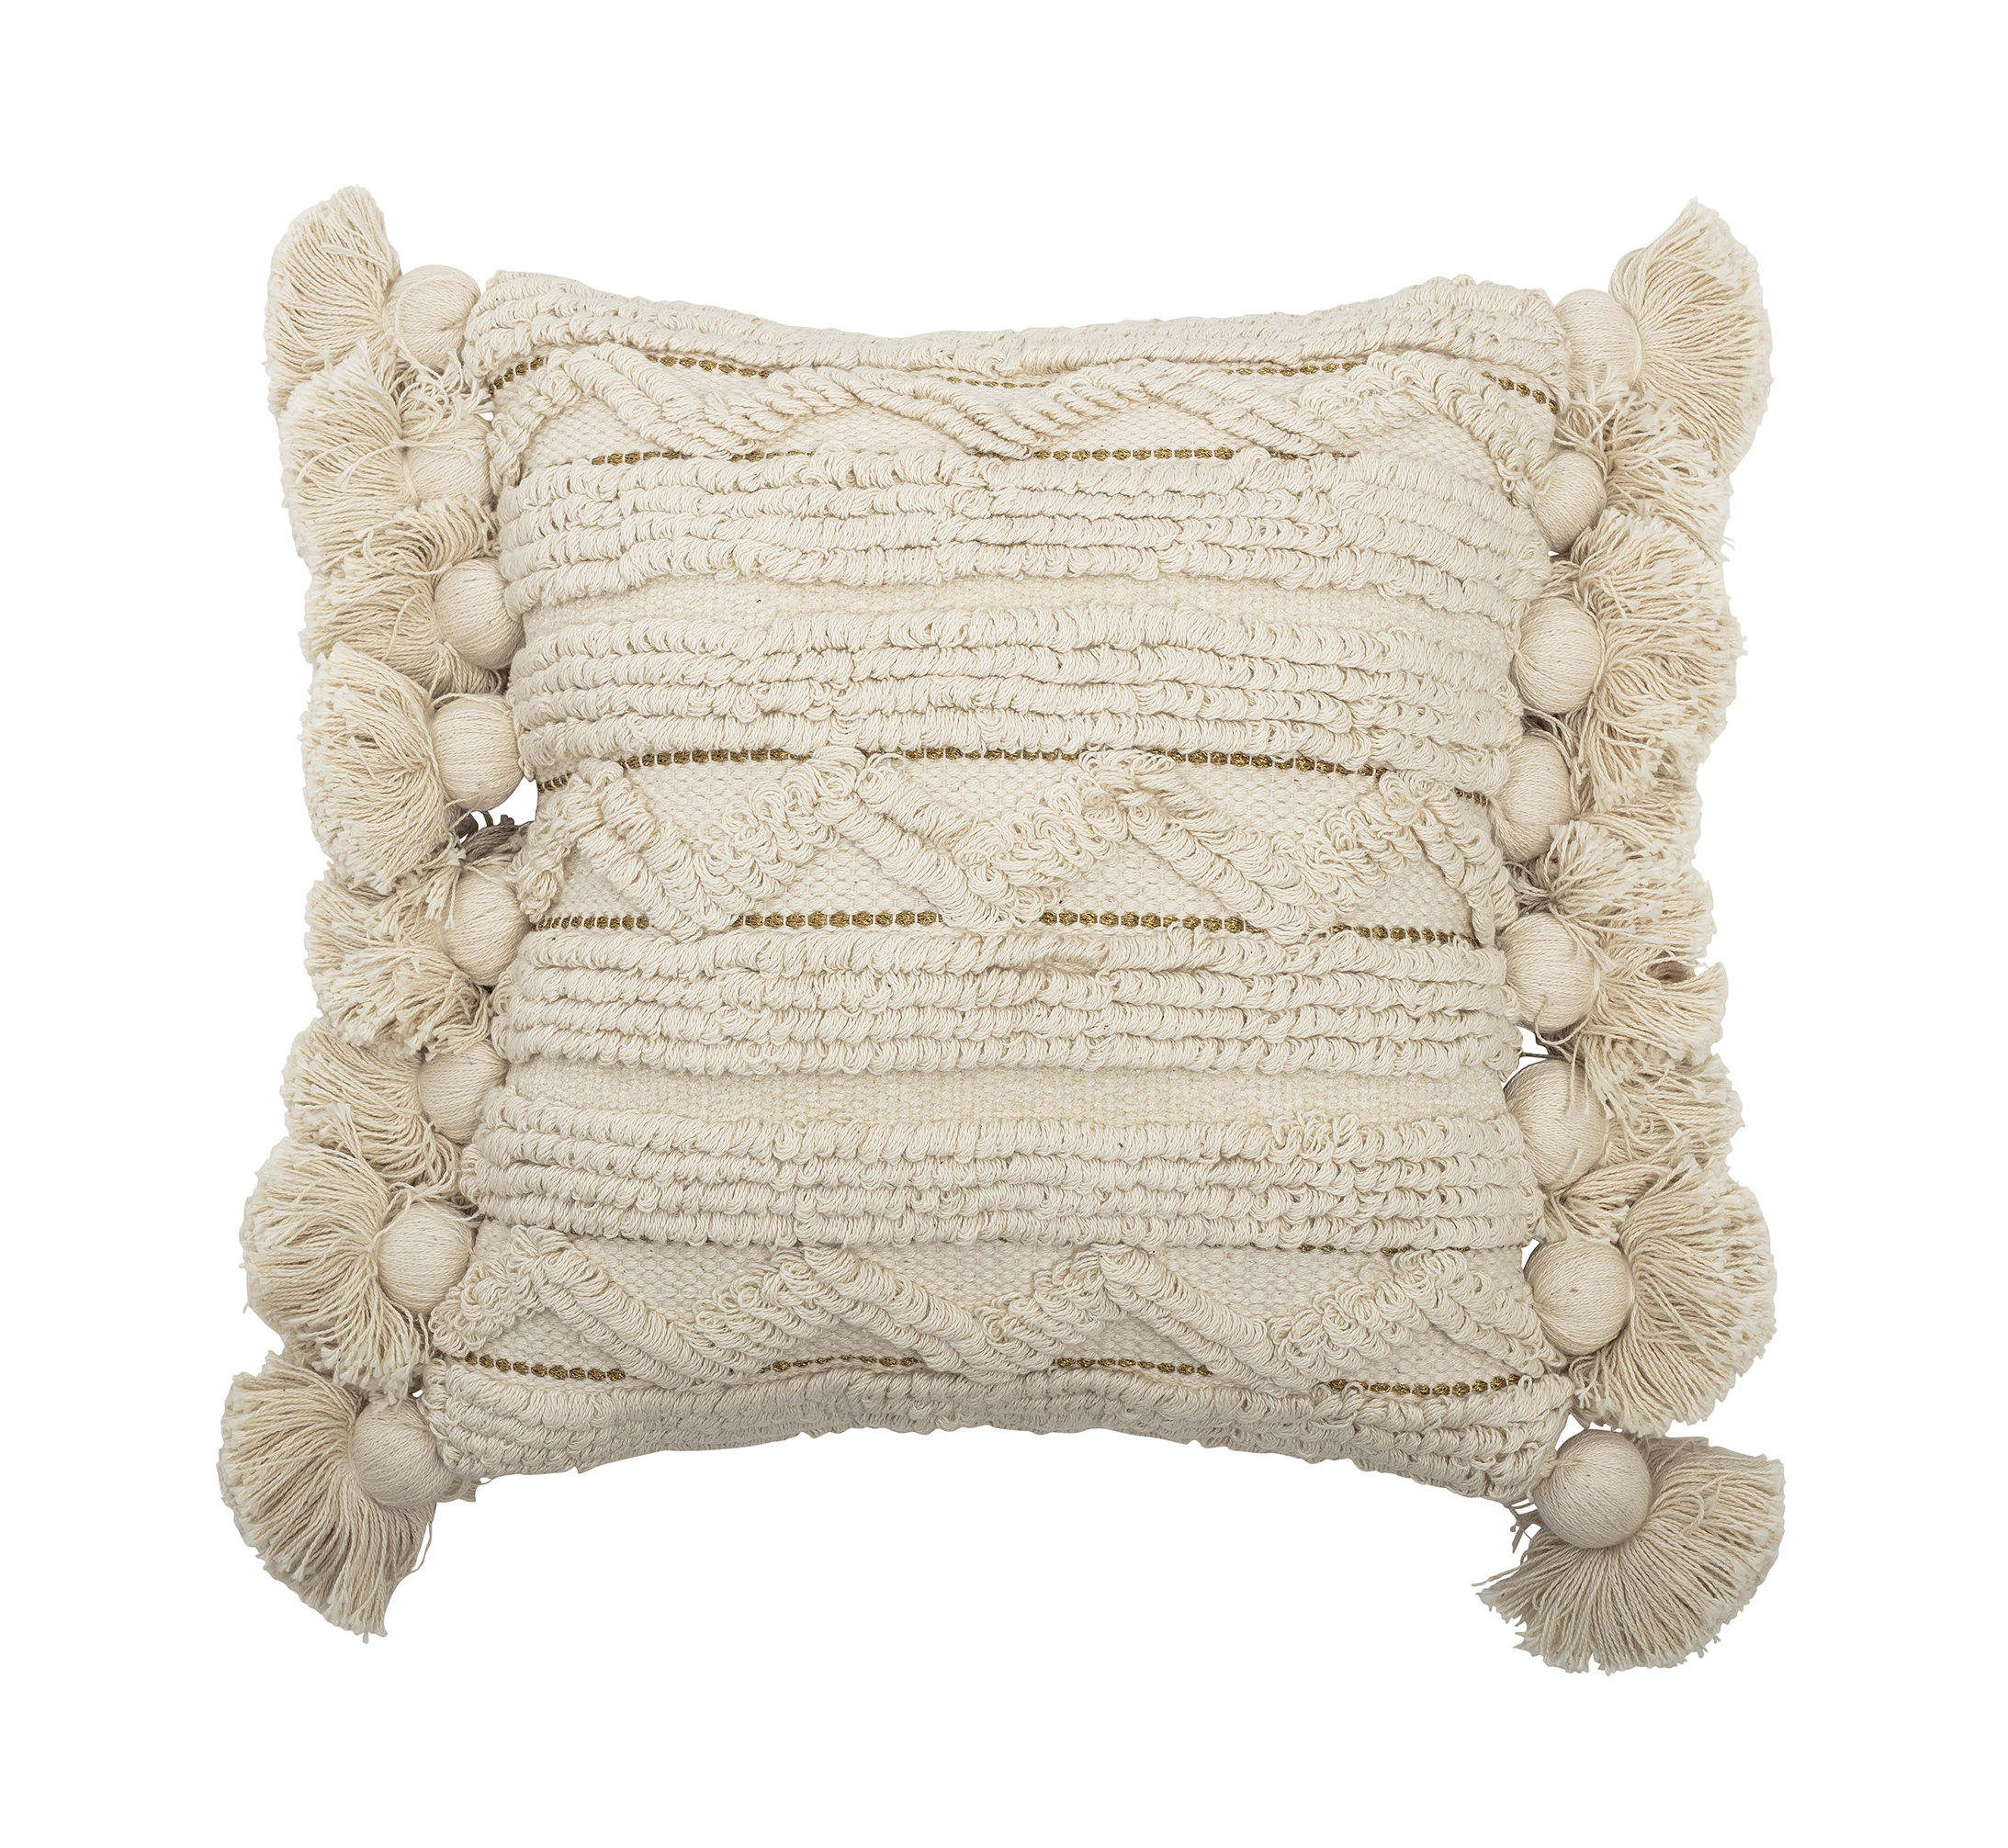 Decoration - Cushions & Poufs - Nature Cushion - / Woven 40 x 40 cm by Bloomingville - Ecru - Cotton